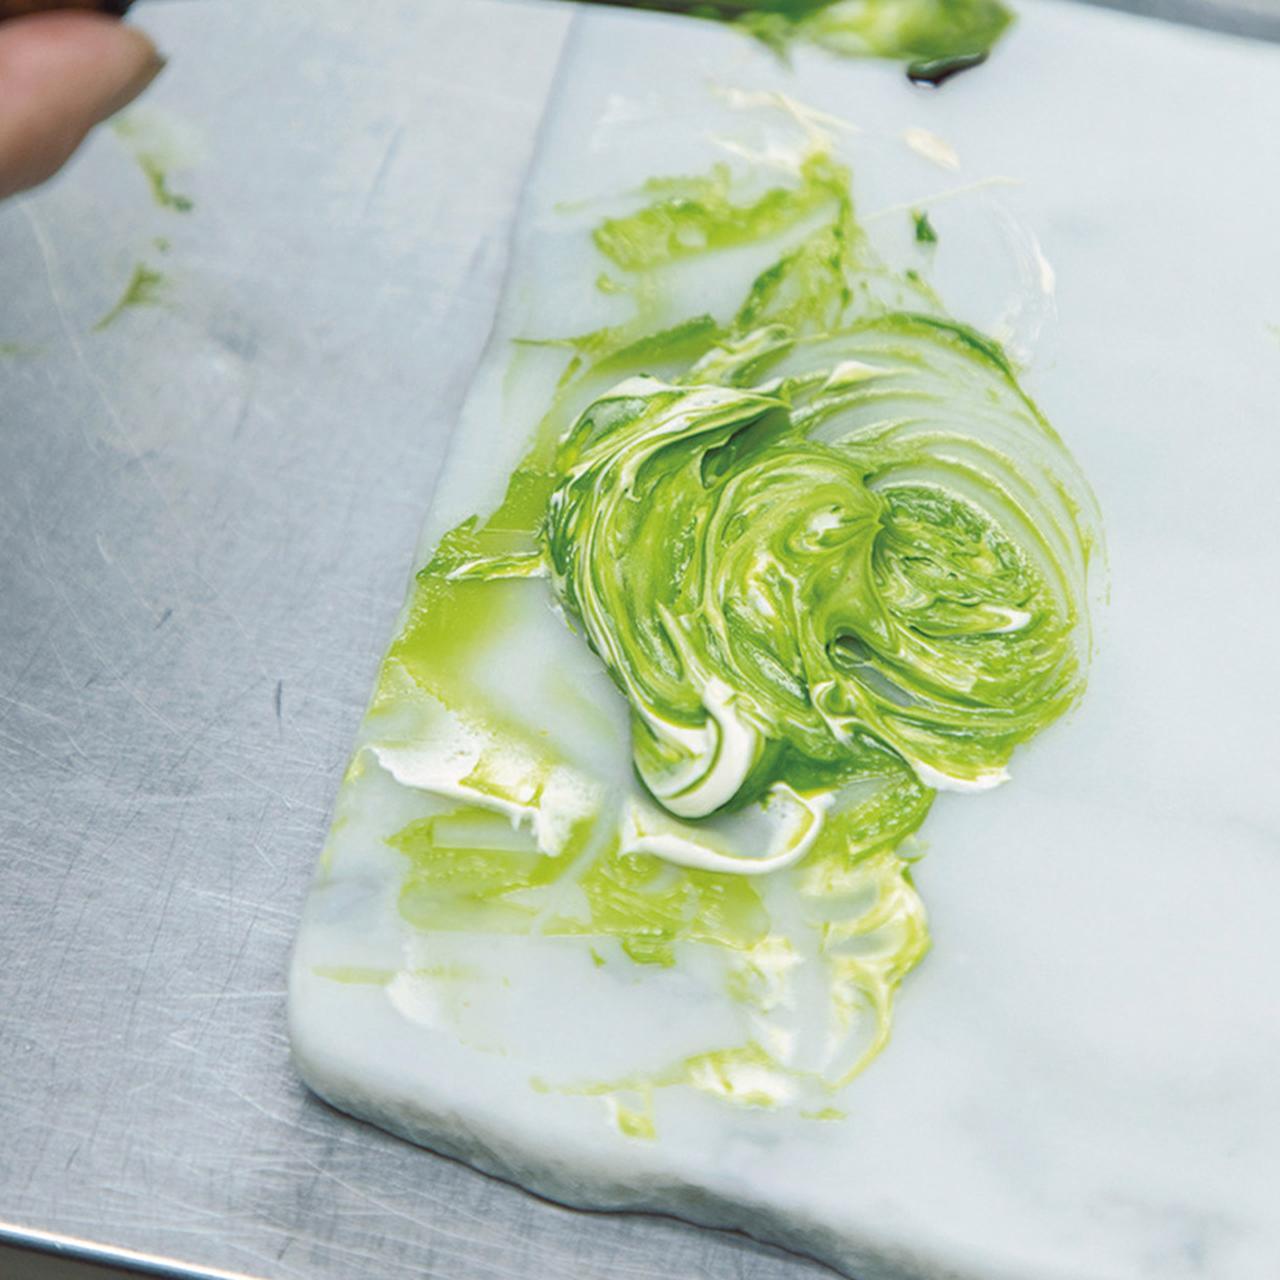 Images : 7番目の画像 - 「パーラー ローレルの 熟練職人が紡ぎだす 花のケーキの物語」のアルバム - T JAPAN:The New York Times Style Magazine 公式サイト